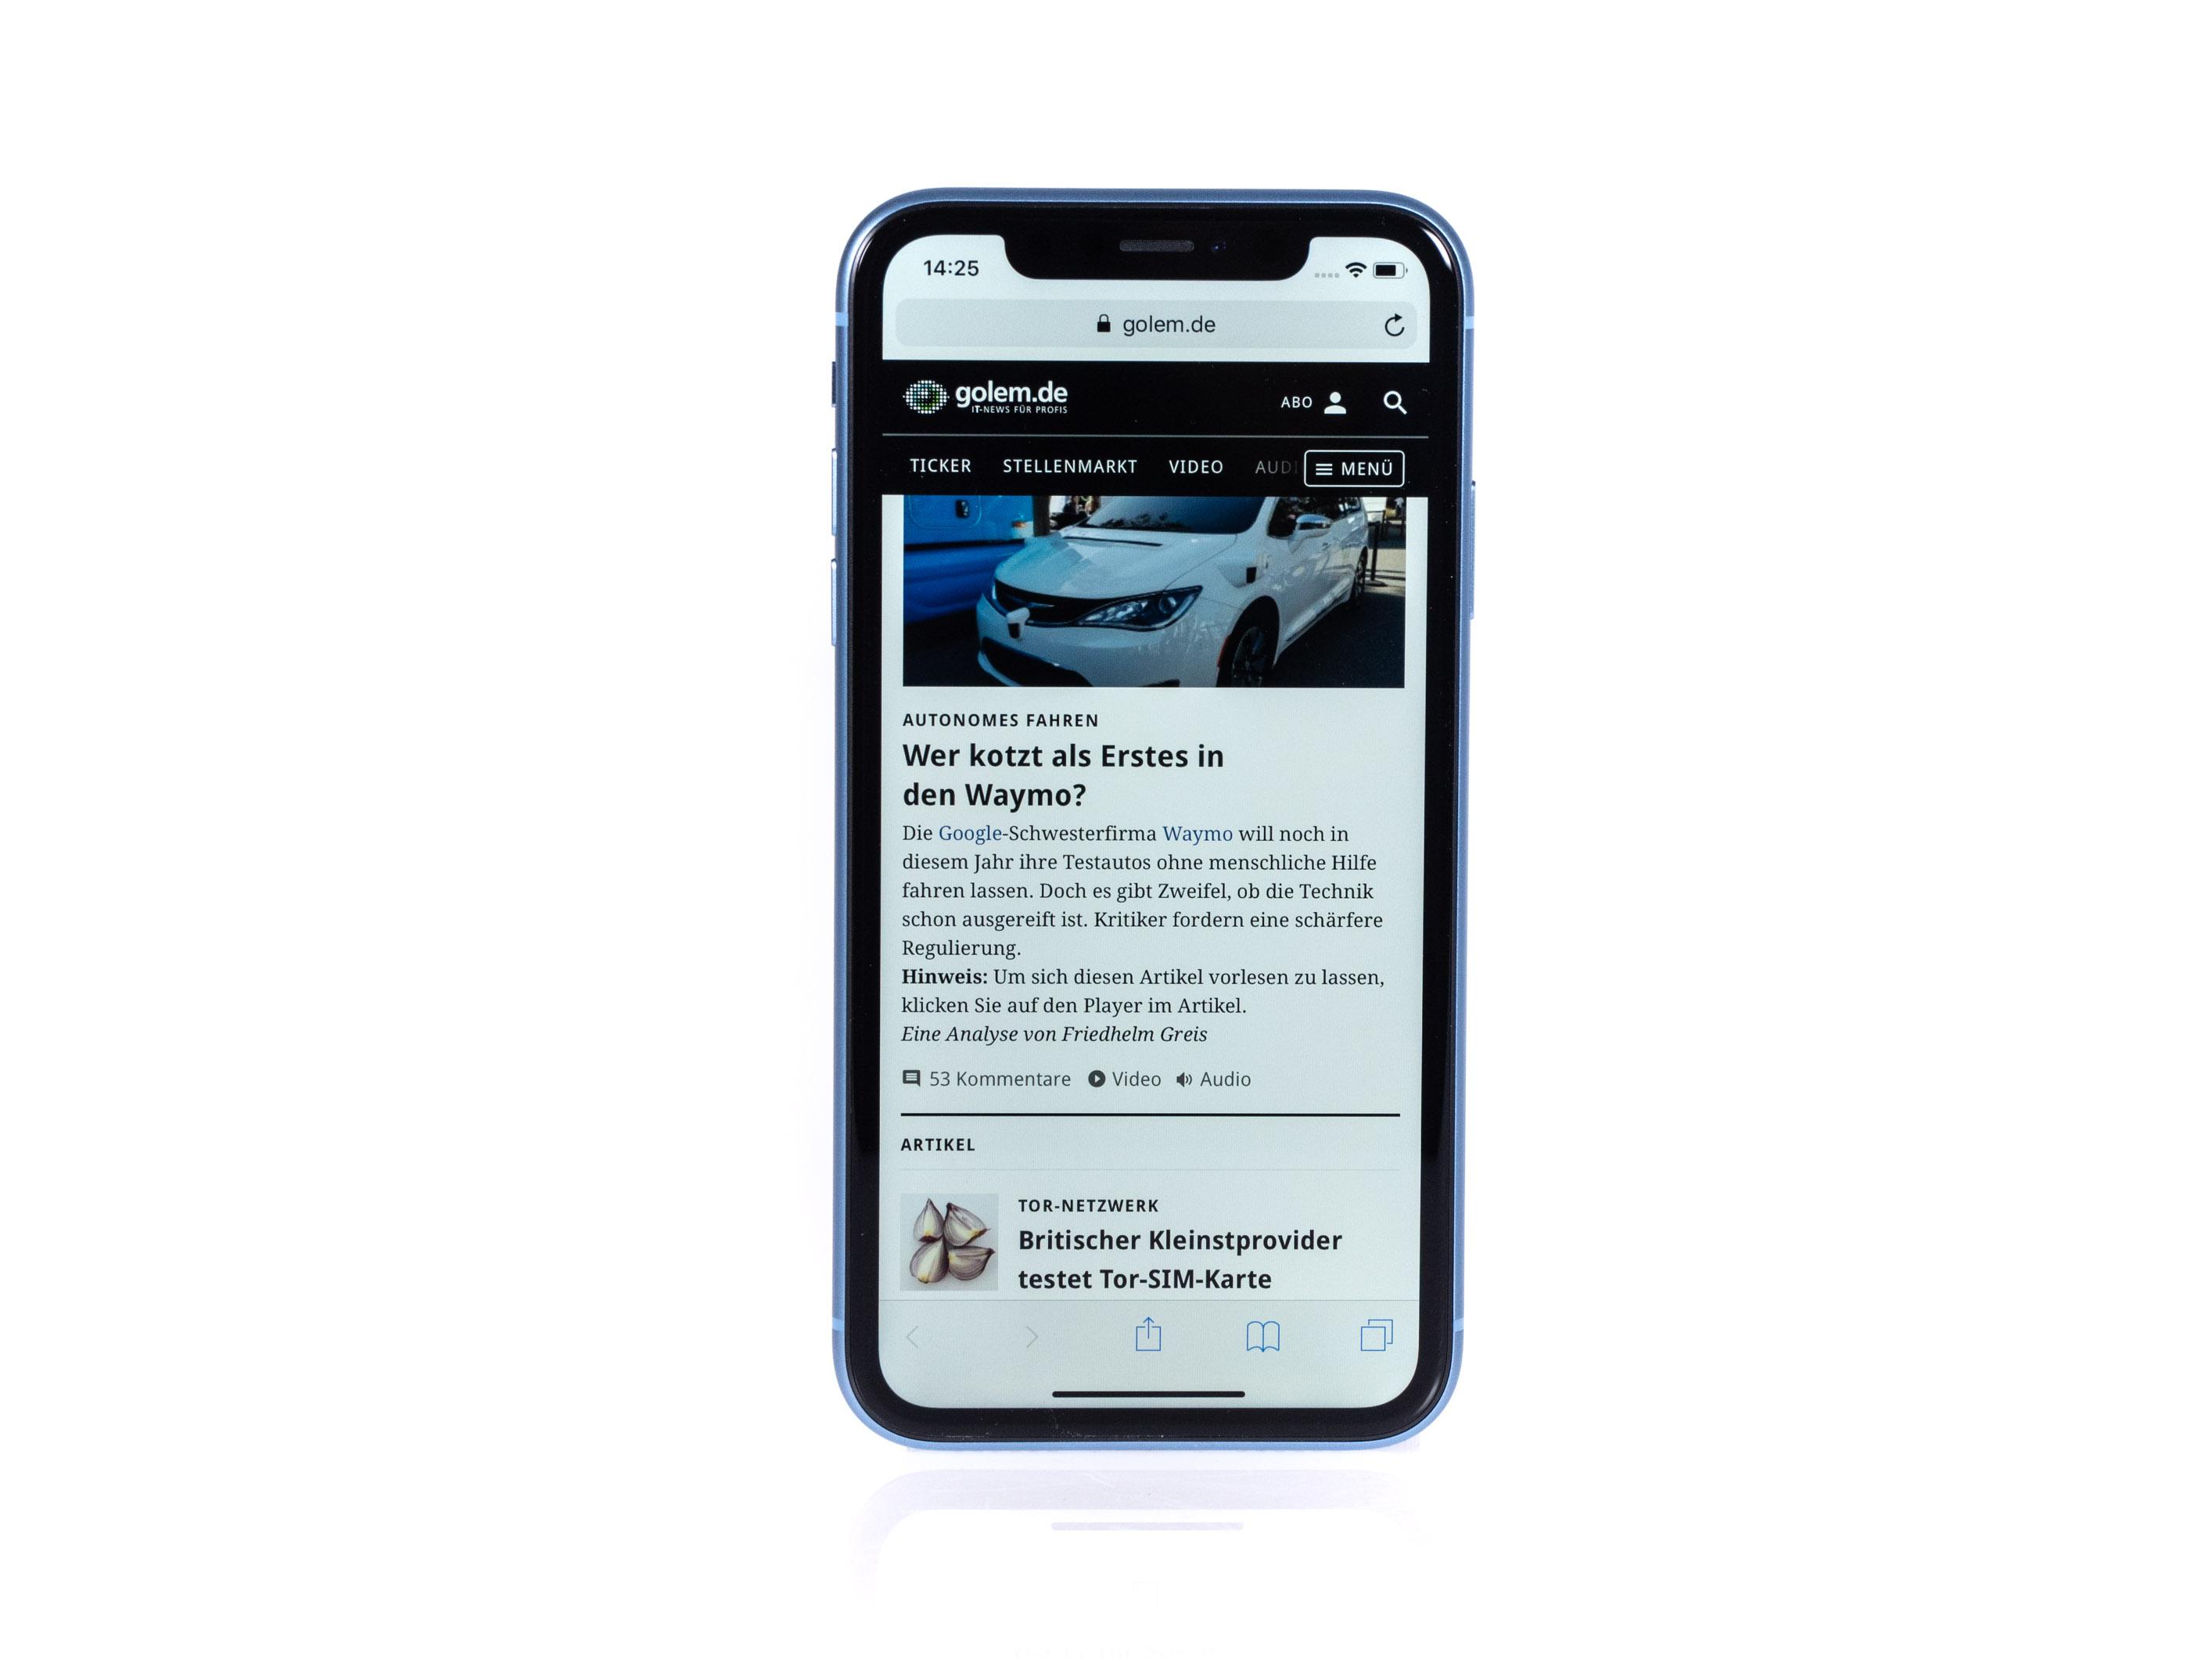 iPhone Xr im Test: Apples günstigeres iPhone ist nicht günstig - Der breitere Rahmen um das Display ist aufgrund der Beleuchtung notwendig. (Bild: Martin Wolf/Golem.de)